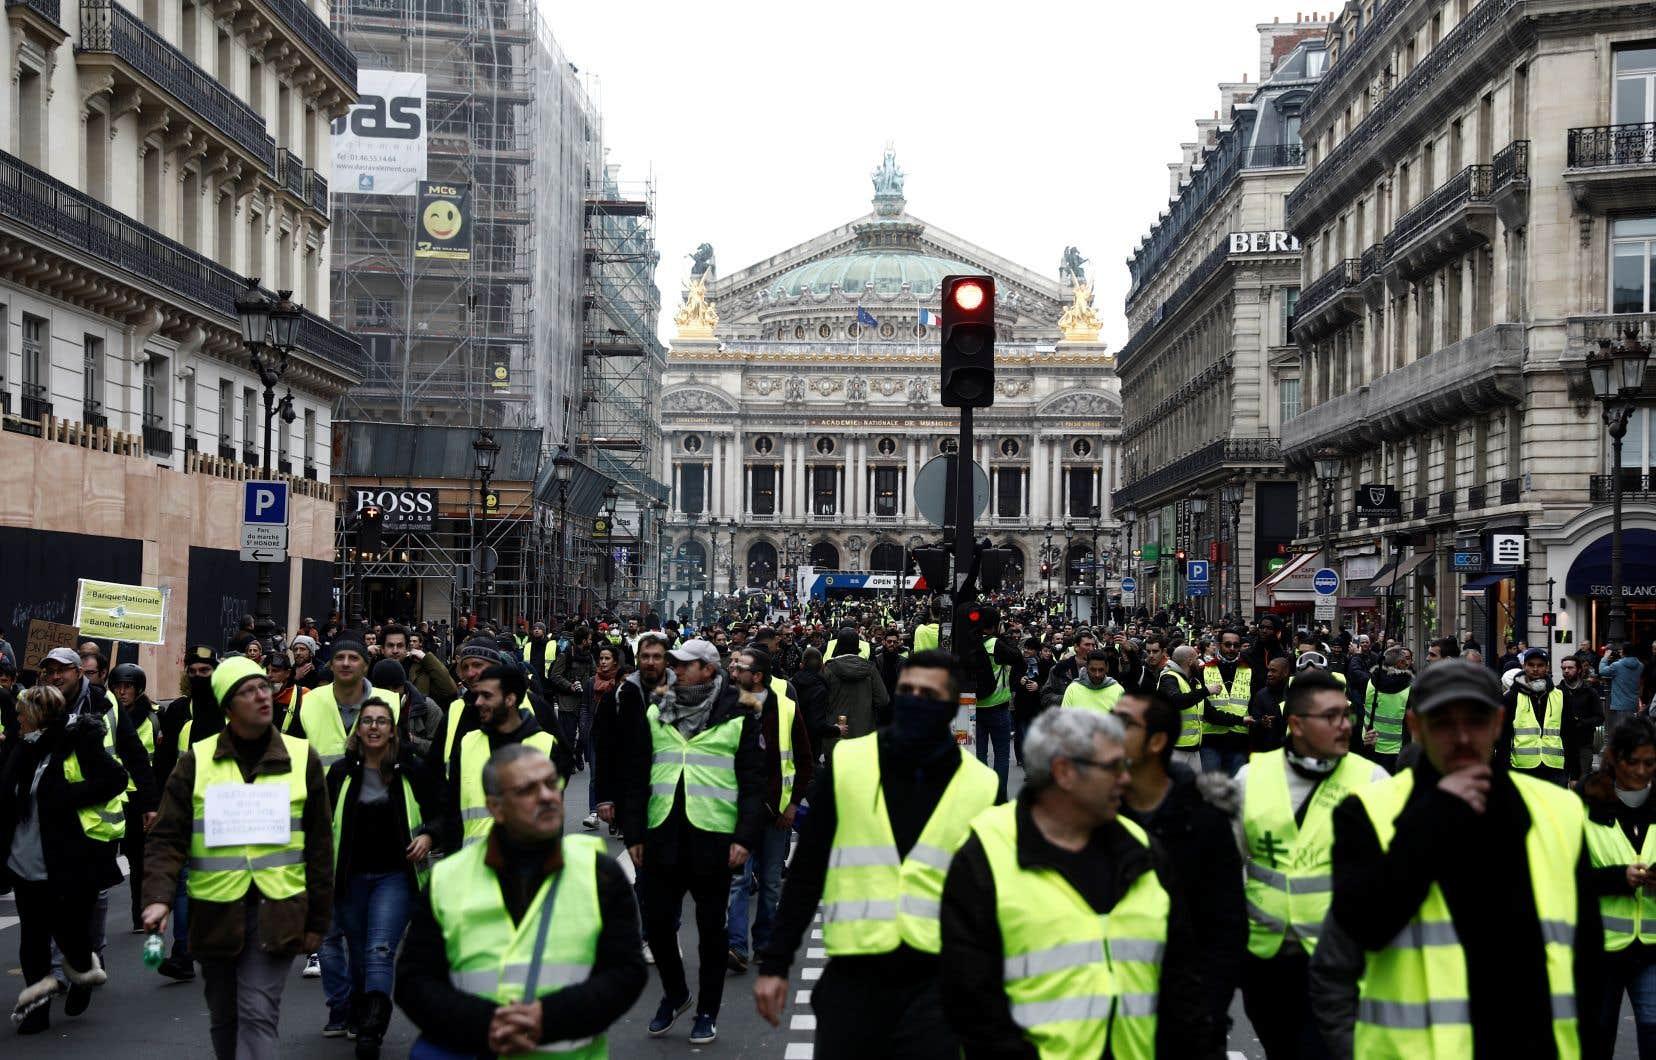 Le nouveau samedi de manifestation, promis par les «gilets jaunes» français les plus déterminés, ne rassemblait que peu de monde en milieu de journée.